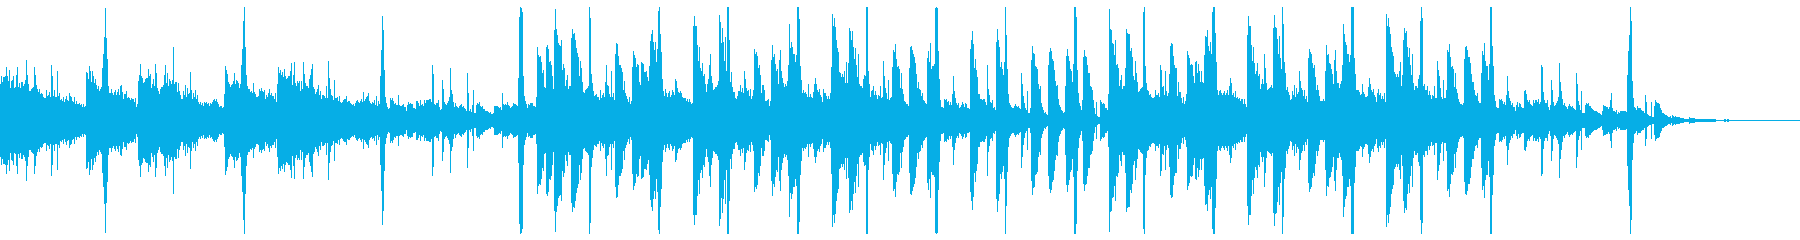 ドラムが印象的なネオソウルの再生済みの波形